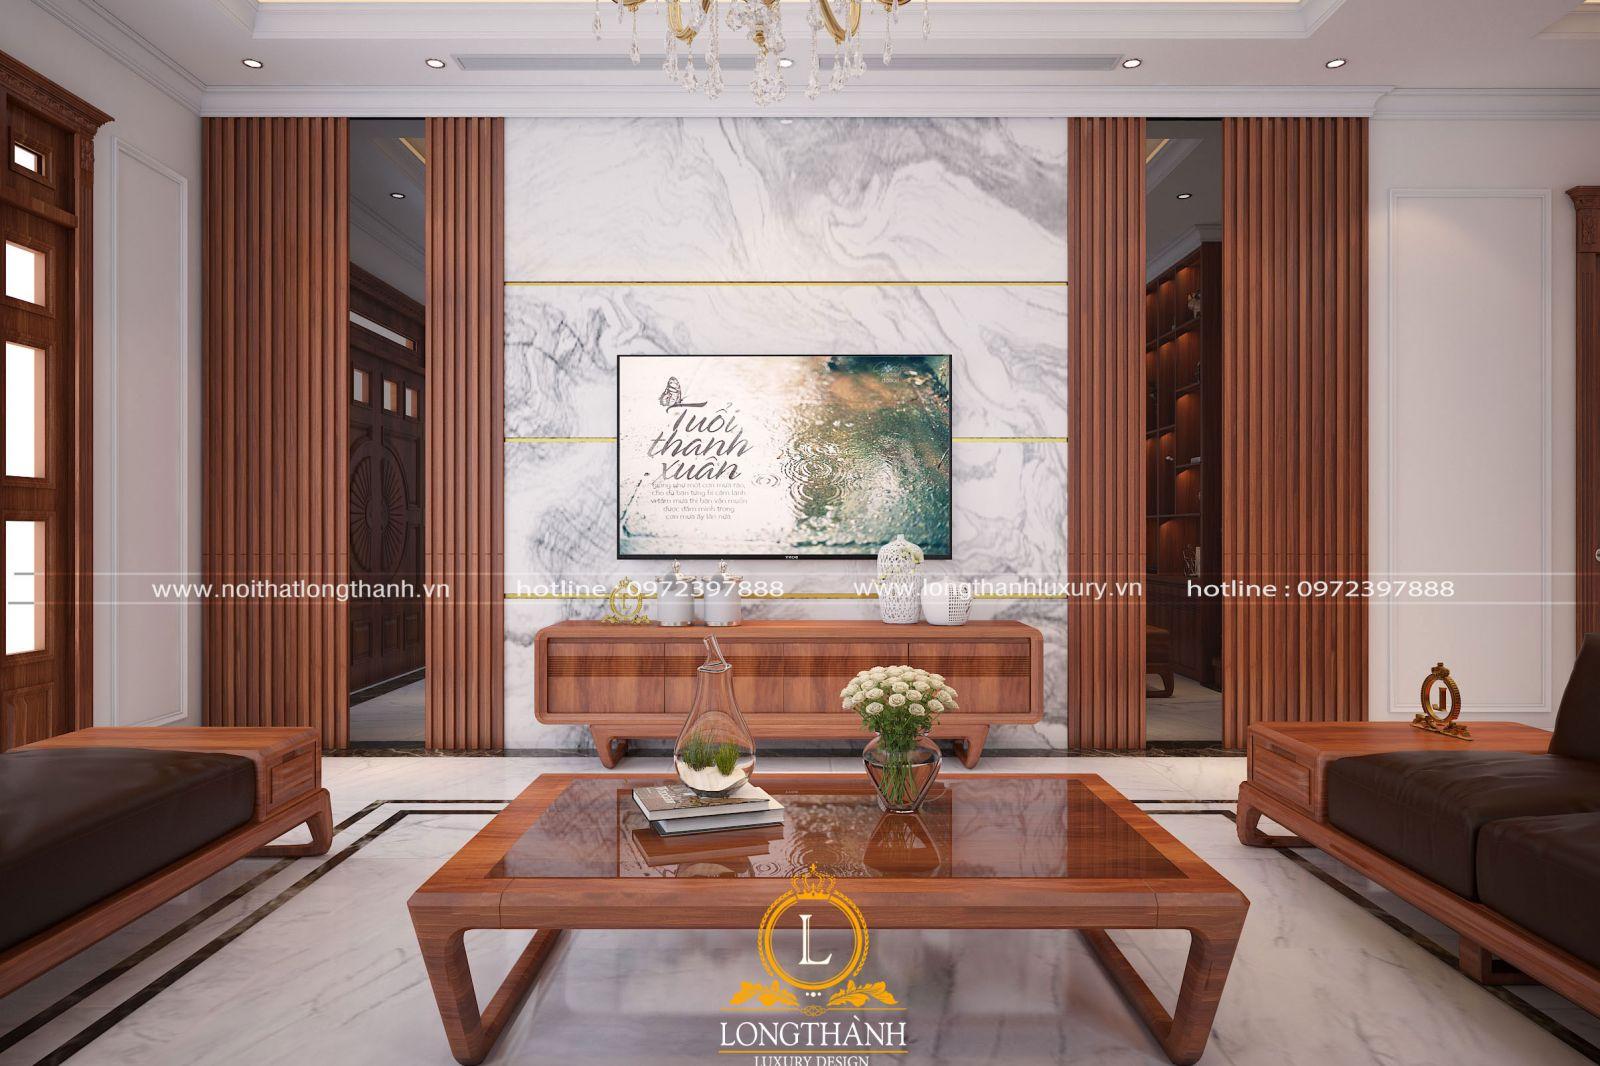 Không gian phòng khách hiện đại đẹp với gam màu tươi sáng